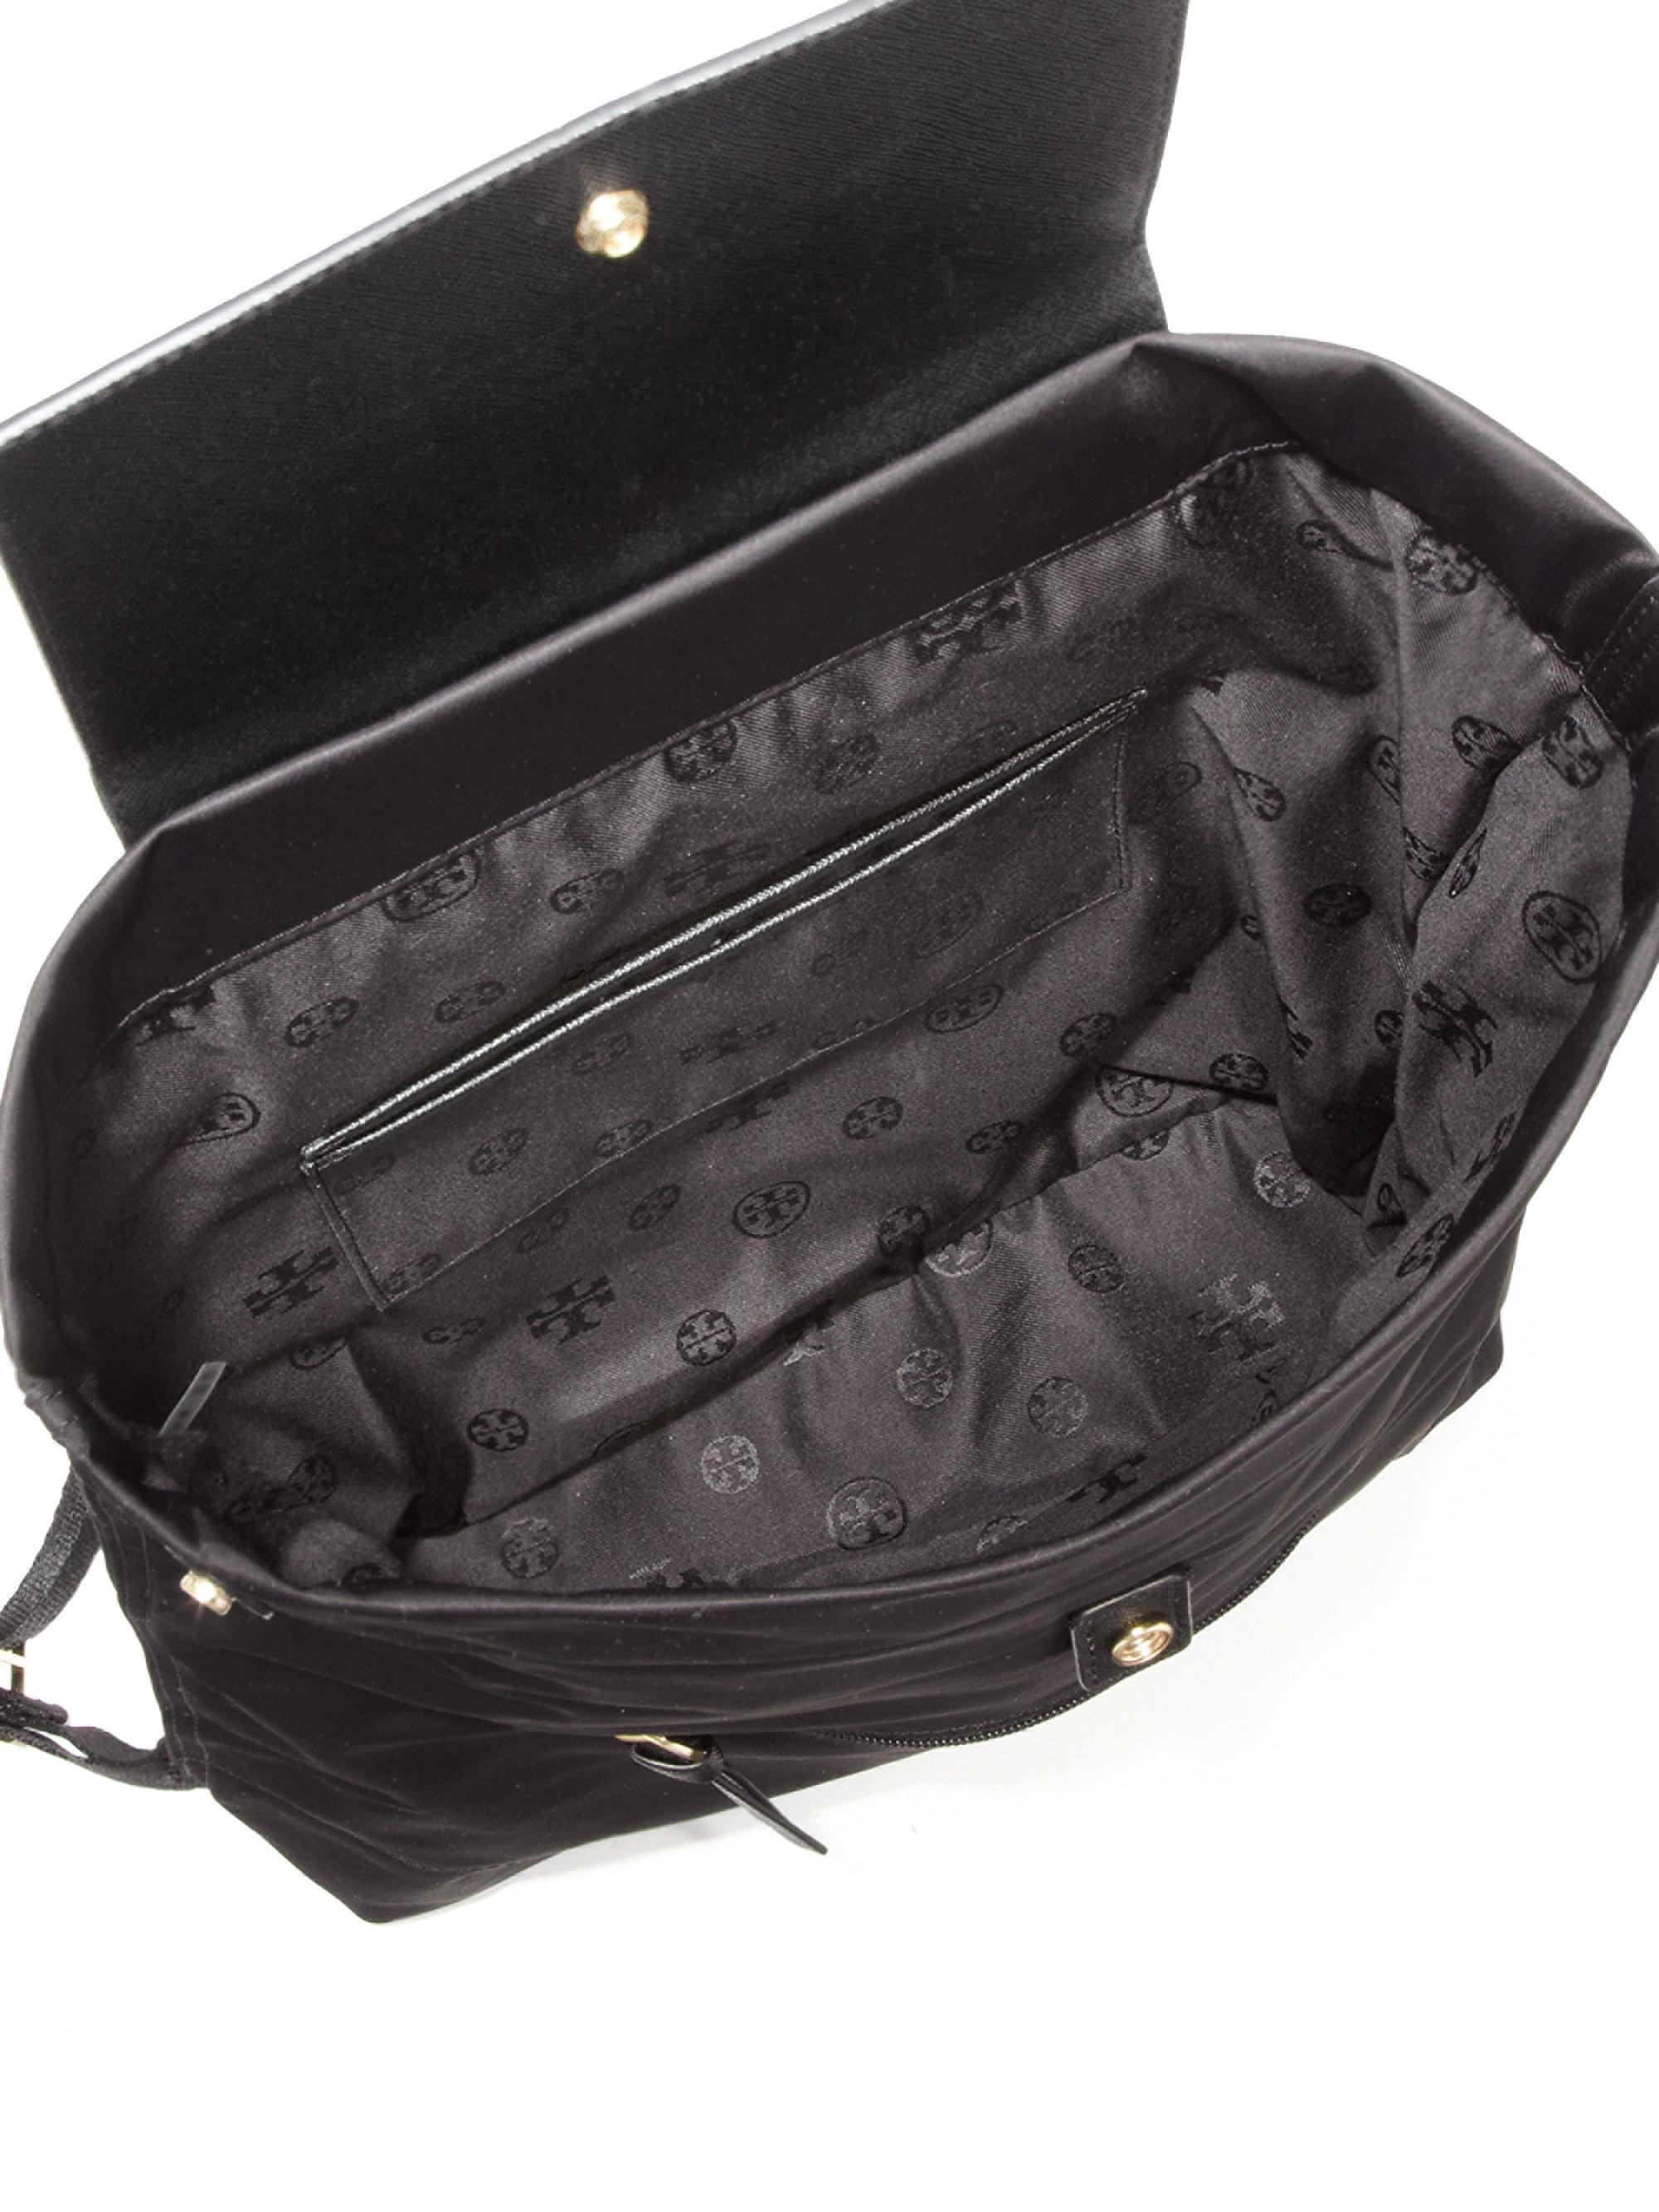 ea4c9e1fed3 Lyst - Tory Burch Ella Nylon Backpack in Black